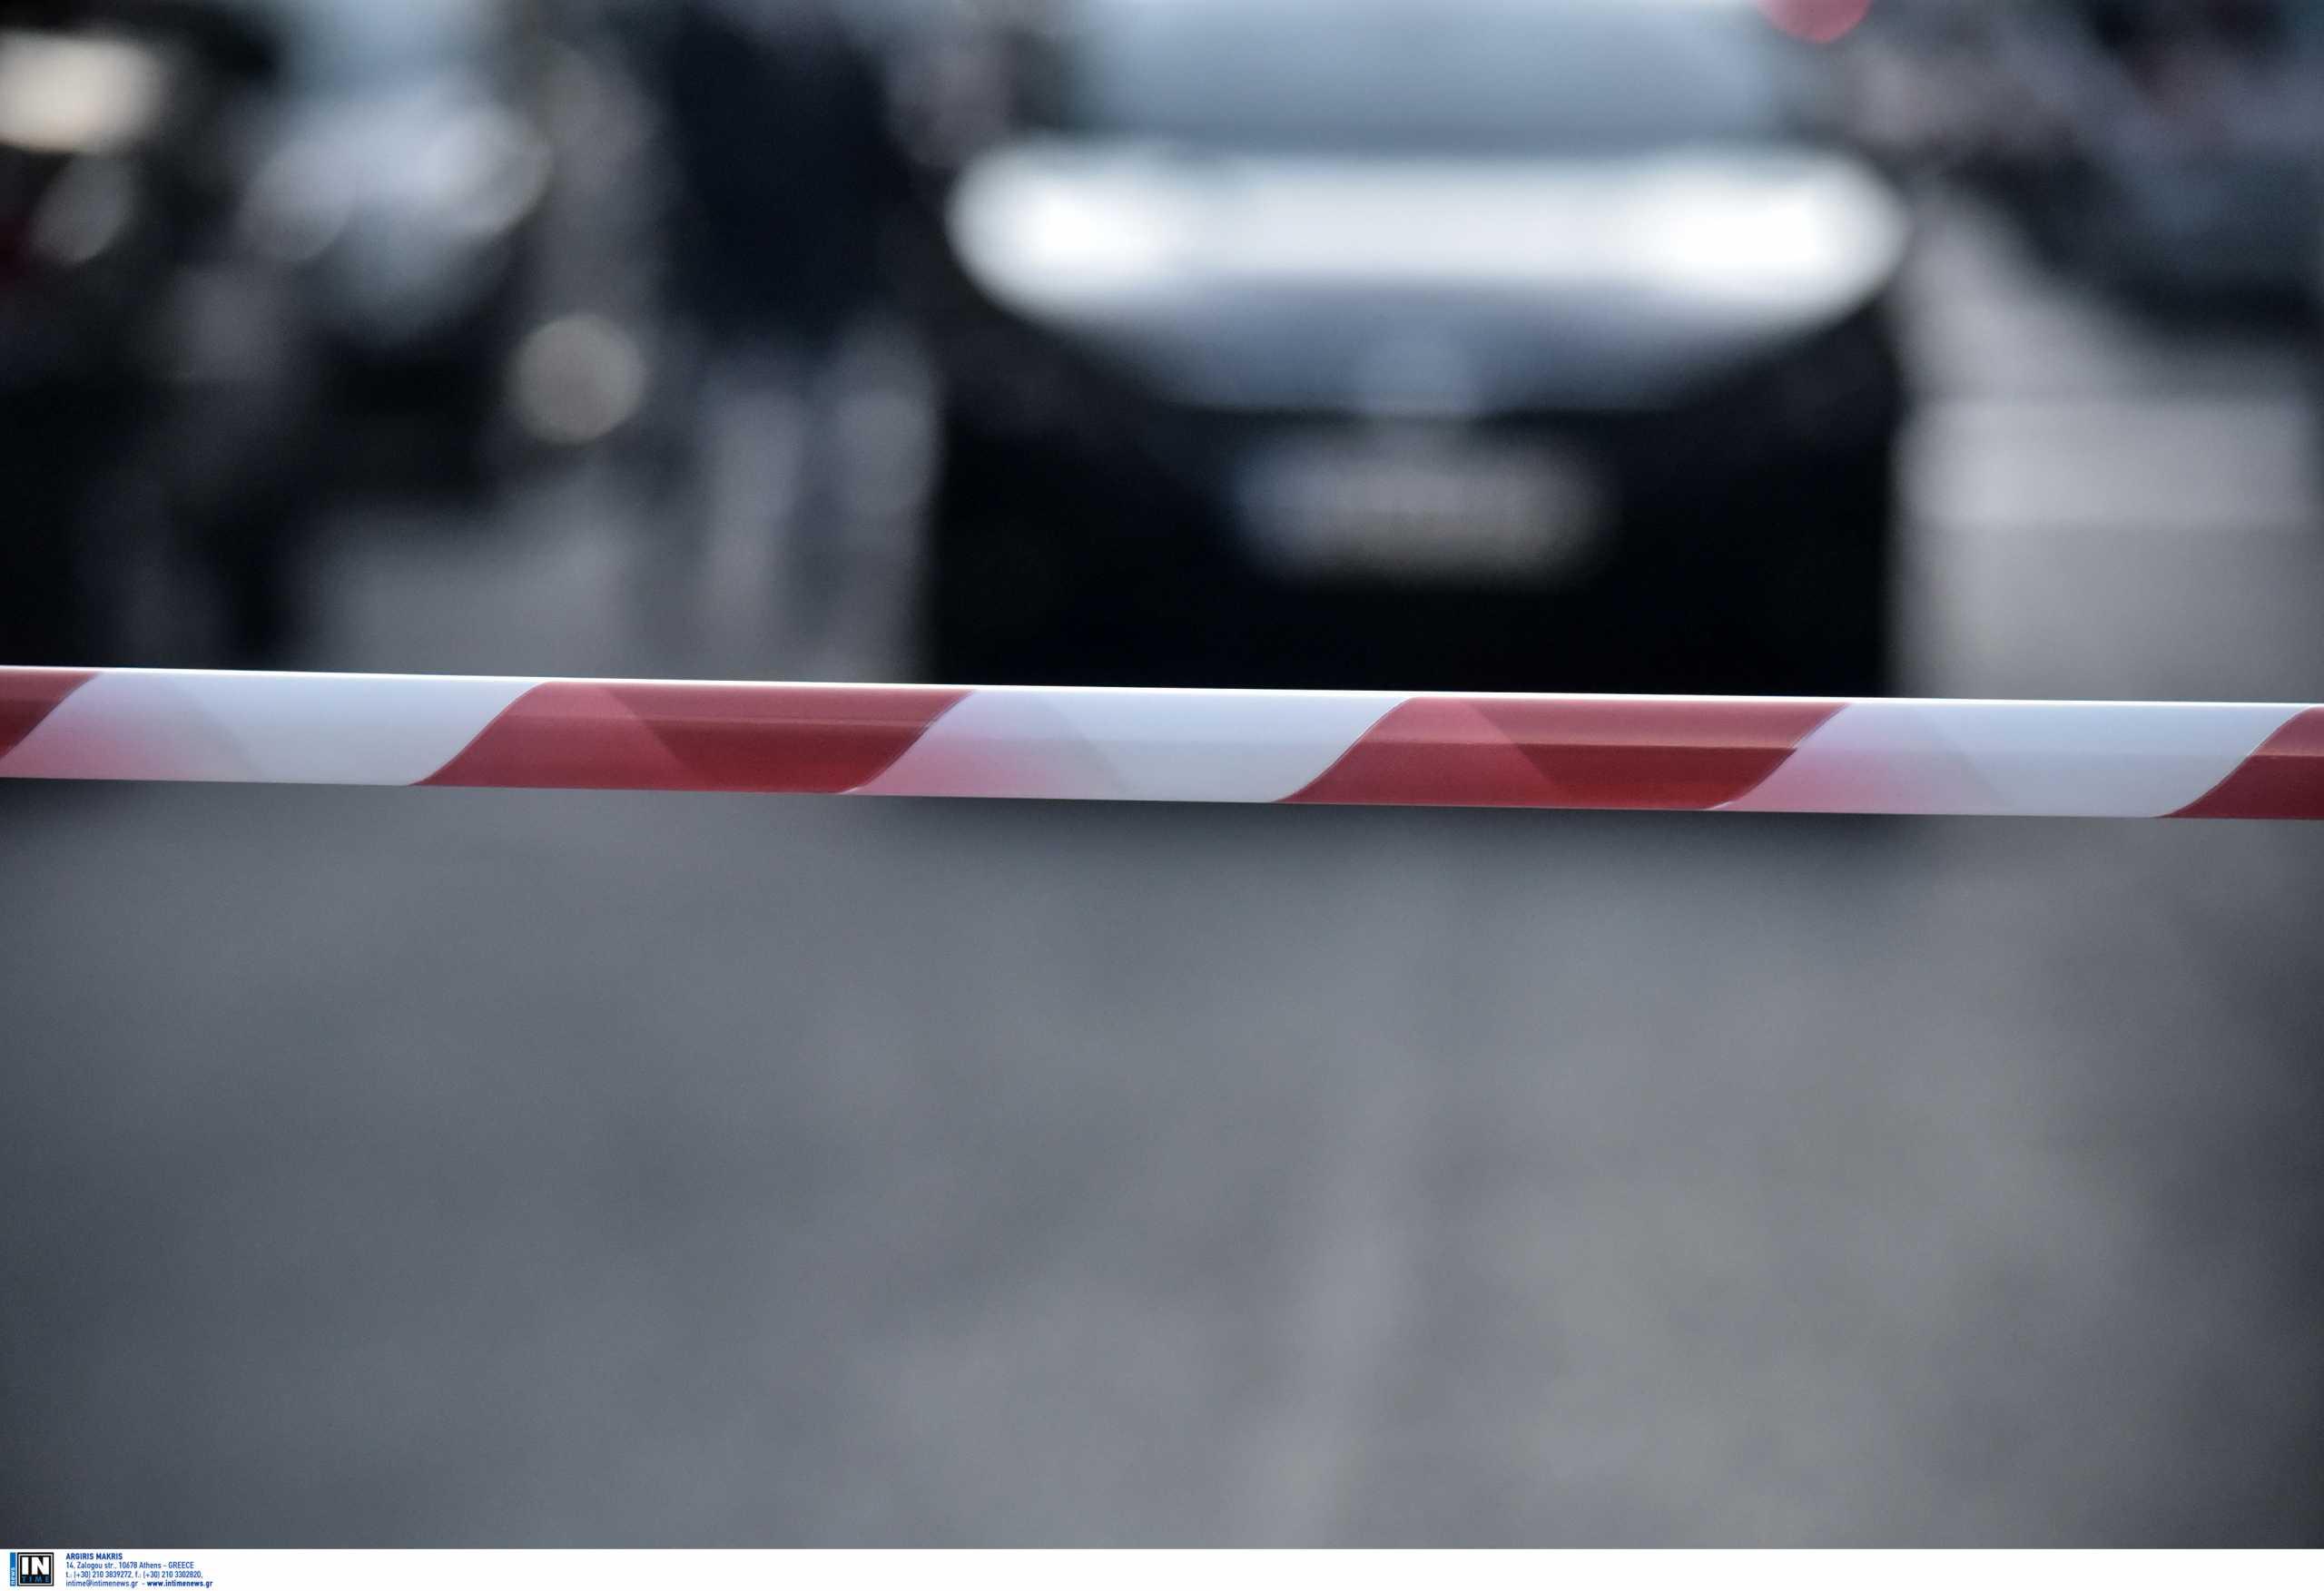 Τραγικό τέλος στην αναζήτηση 28χρονου: Βρέθηκε κρεμασμένος στο Ηράκλειο